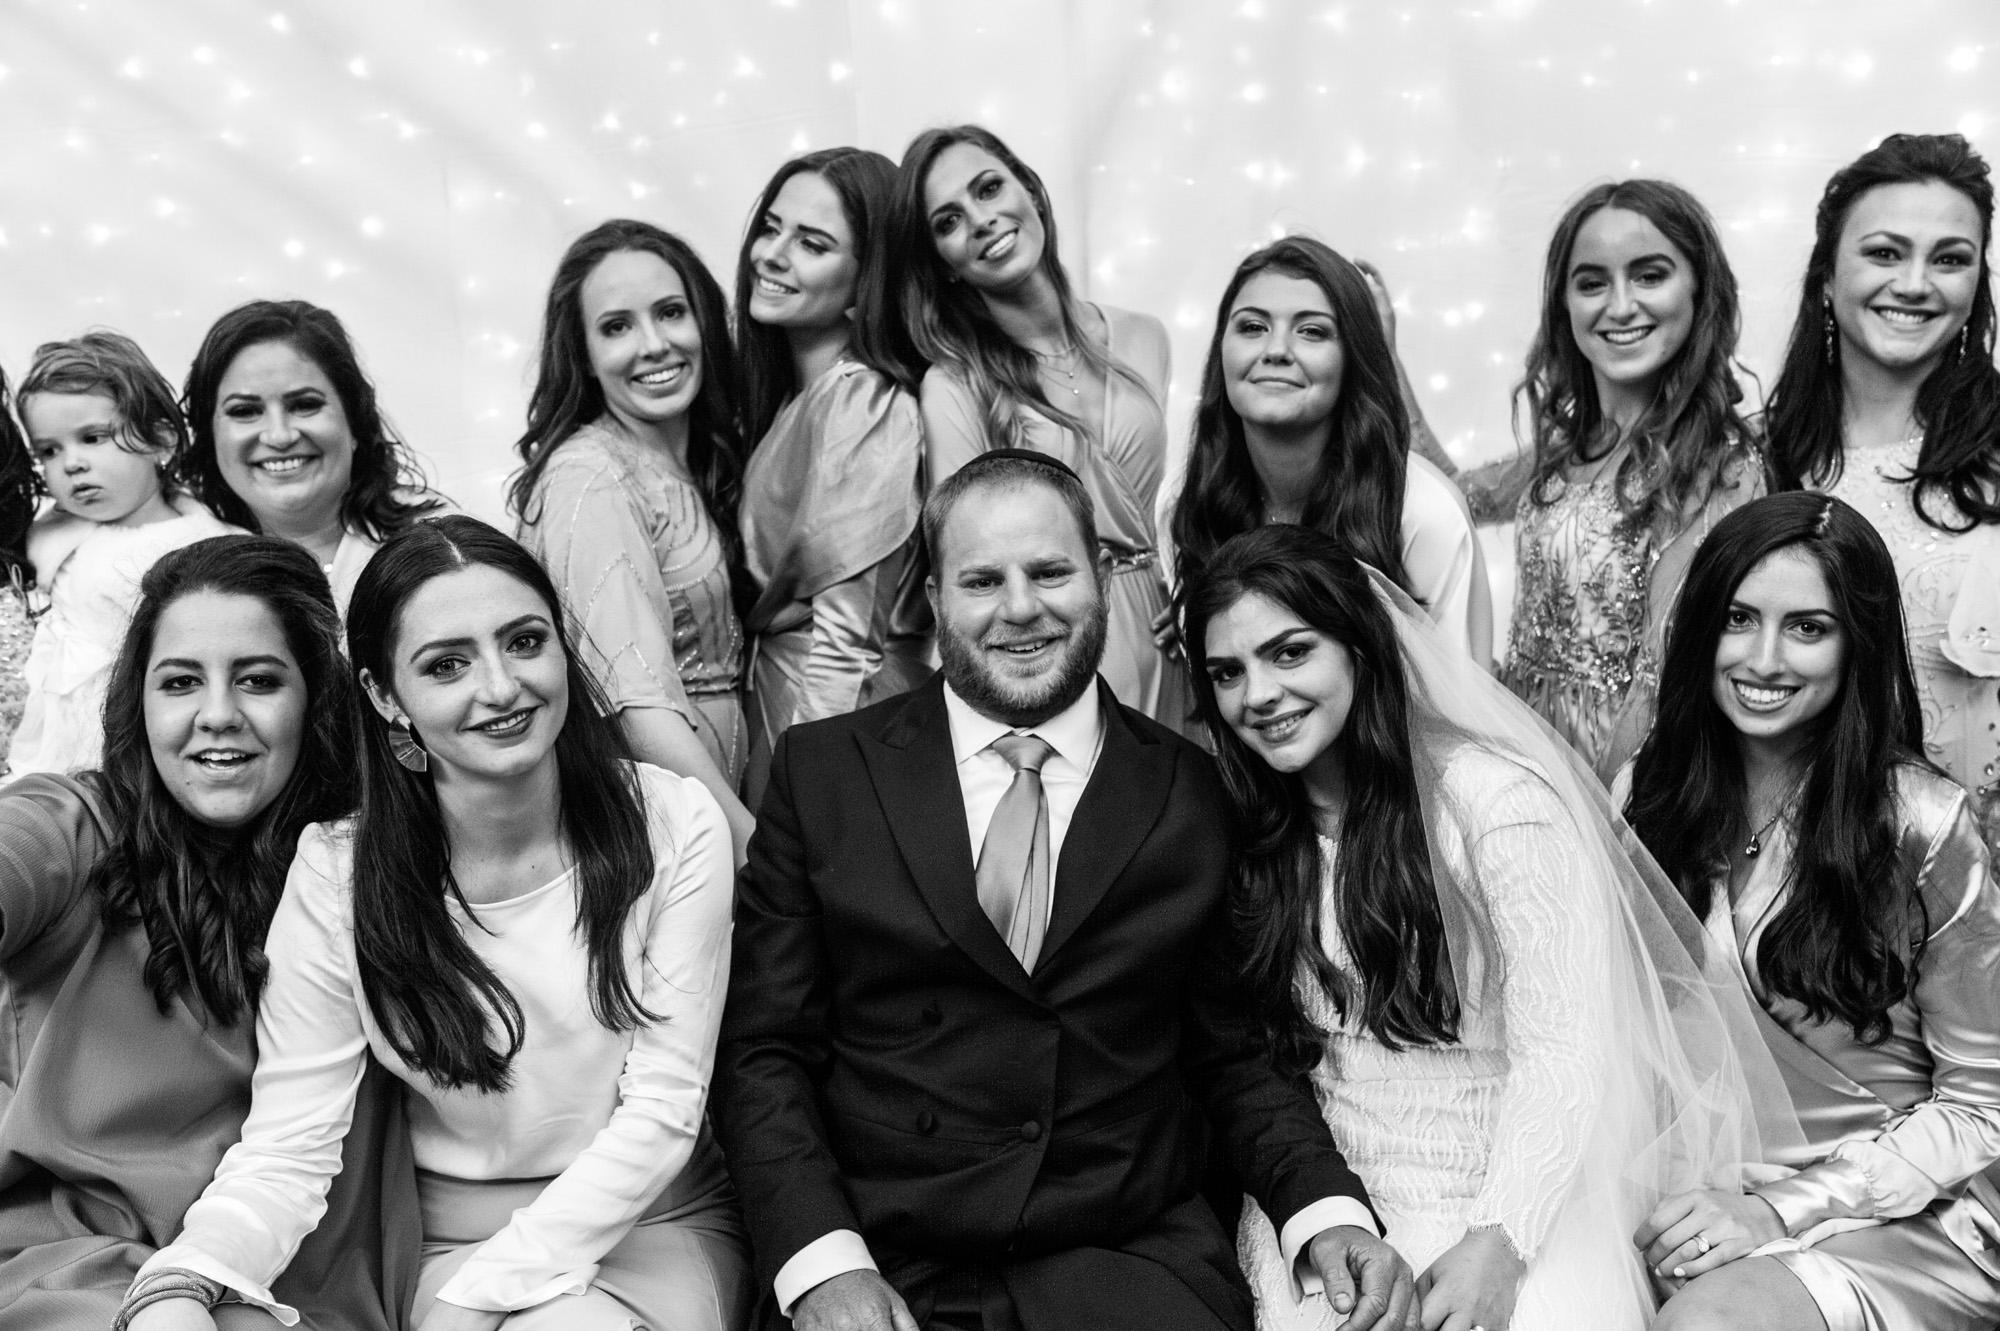 john-henry-wedding-photographer-aaron-devorah-the-lookout-079.JPG